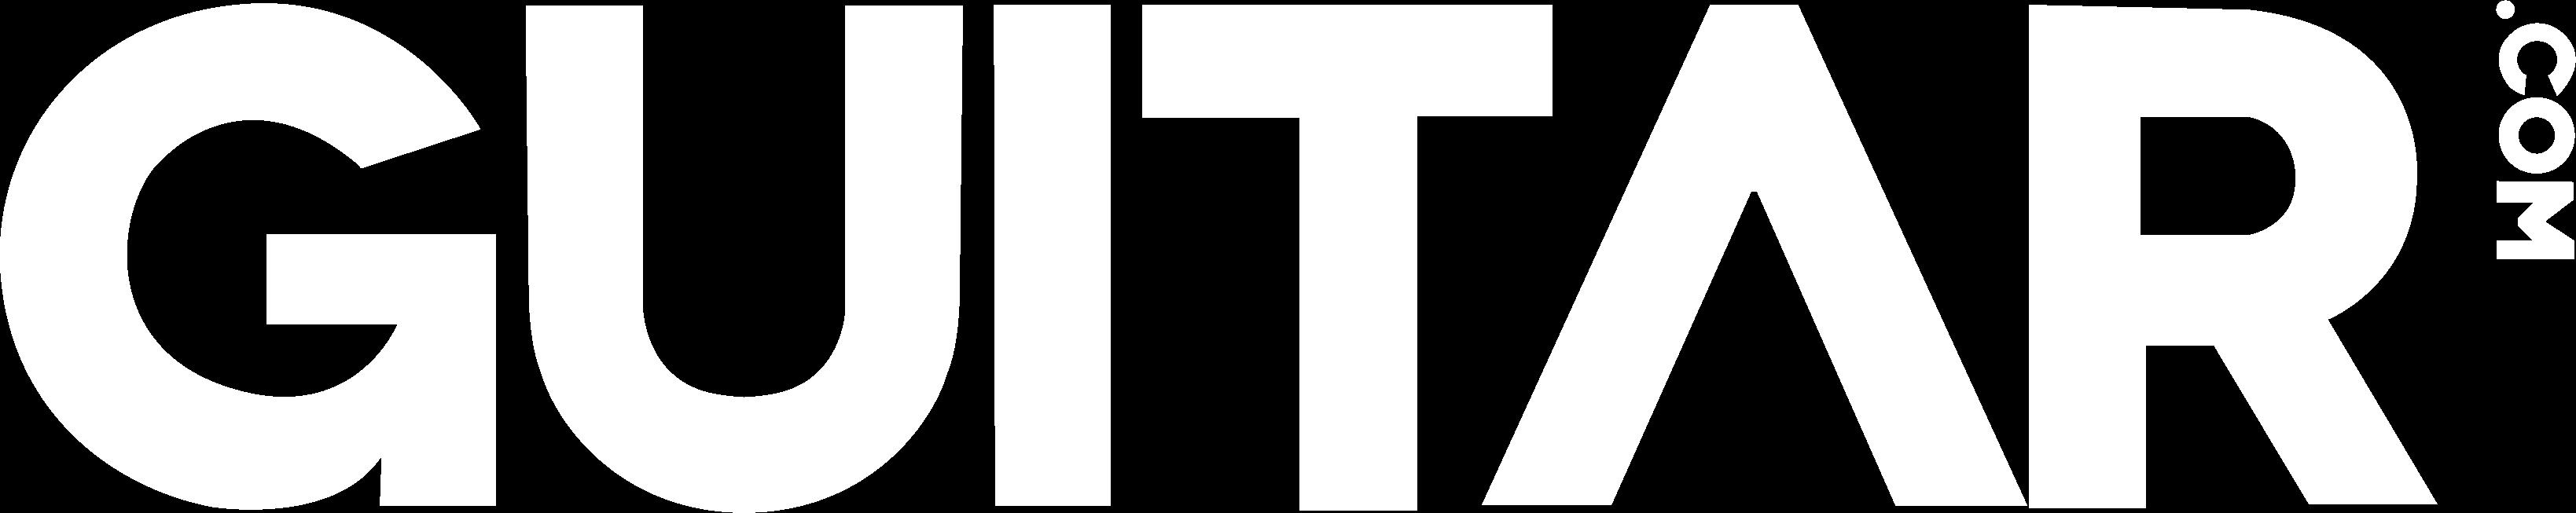 Guitar.com logo